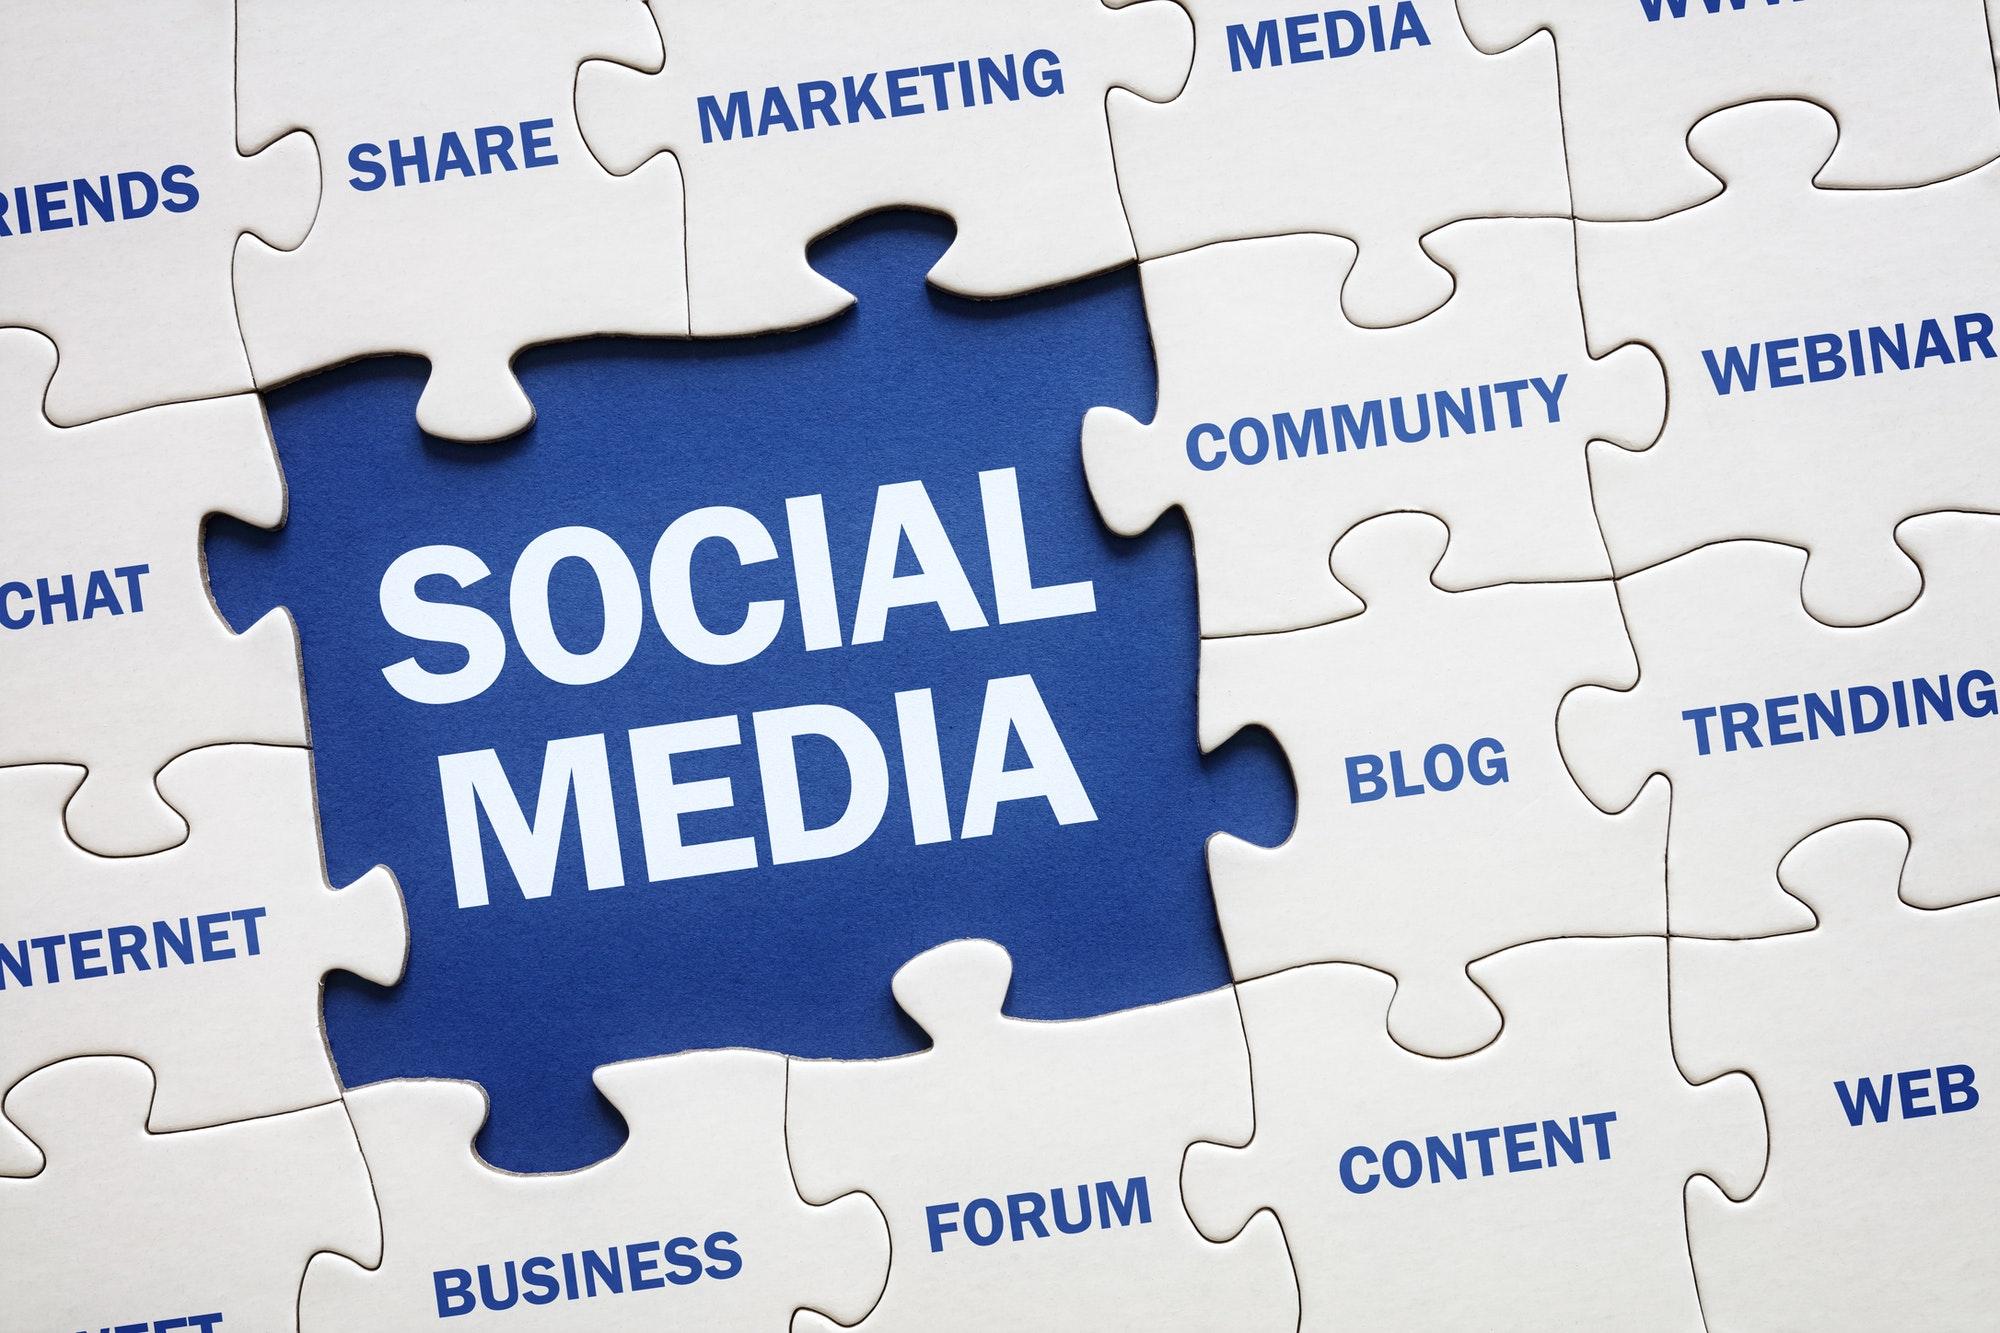 7 estratégias que realmente direcionam mais tráfego de mídia social